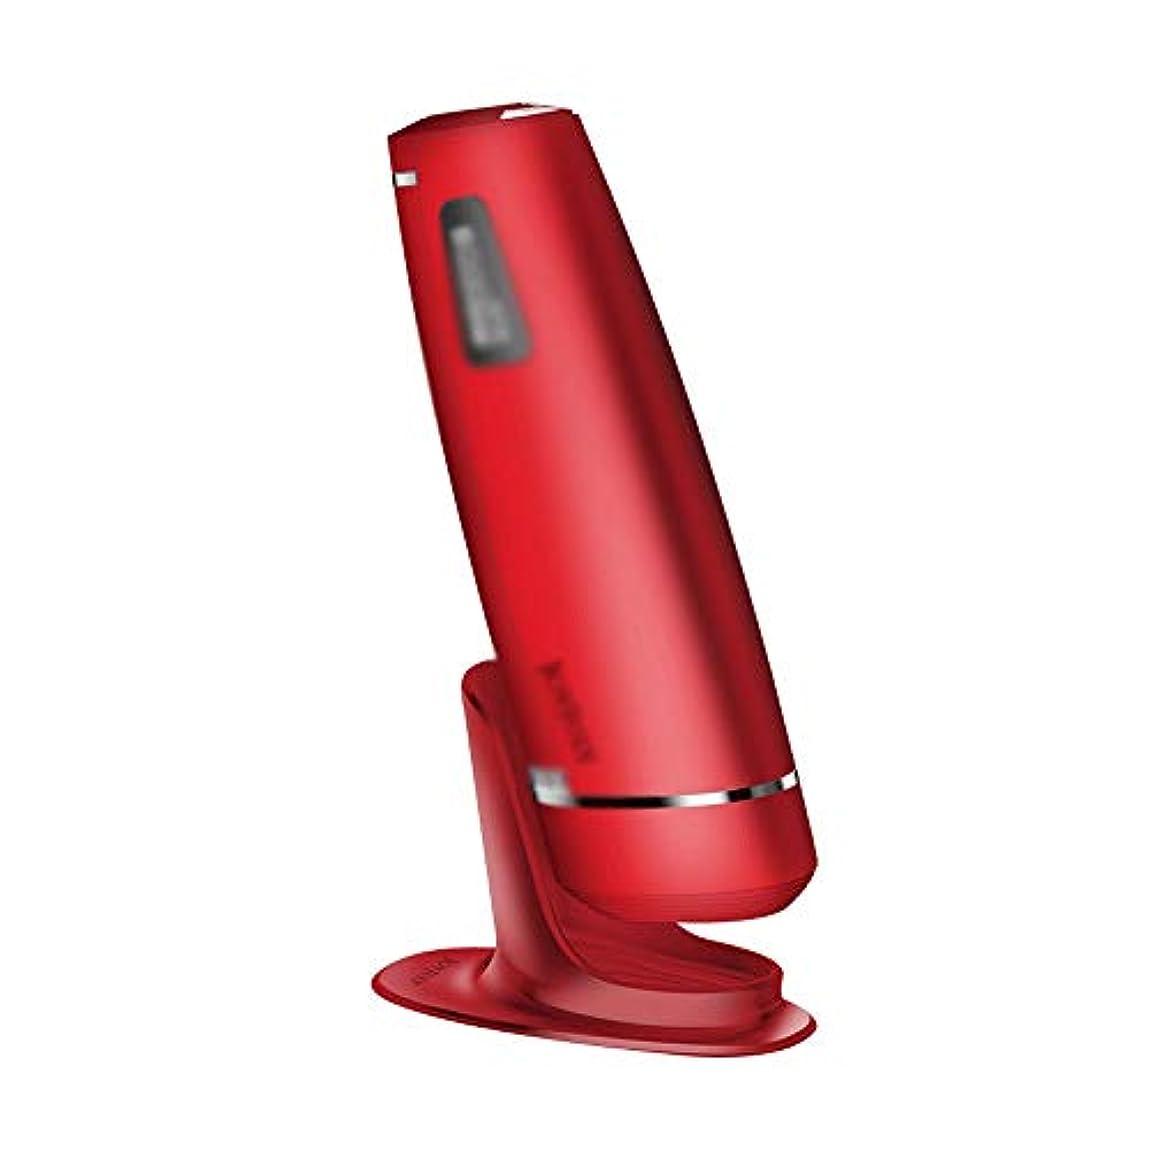 転倒衣類裏切り者XUEYAQI- 電気アイスポイント脱毛器具、家庭用レーザー脱毛アーティファクト、男性と女性の外部脱毛器、痛みのない顔用脱毛器(白) (Color : Red)